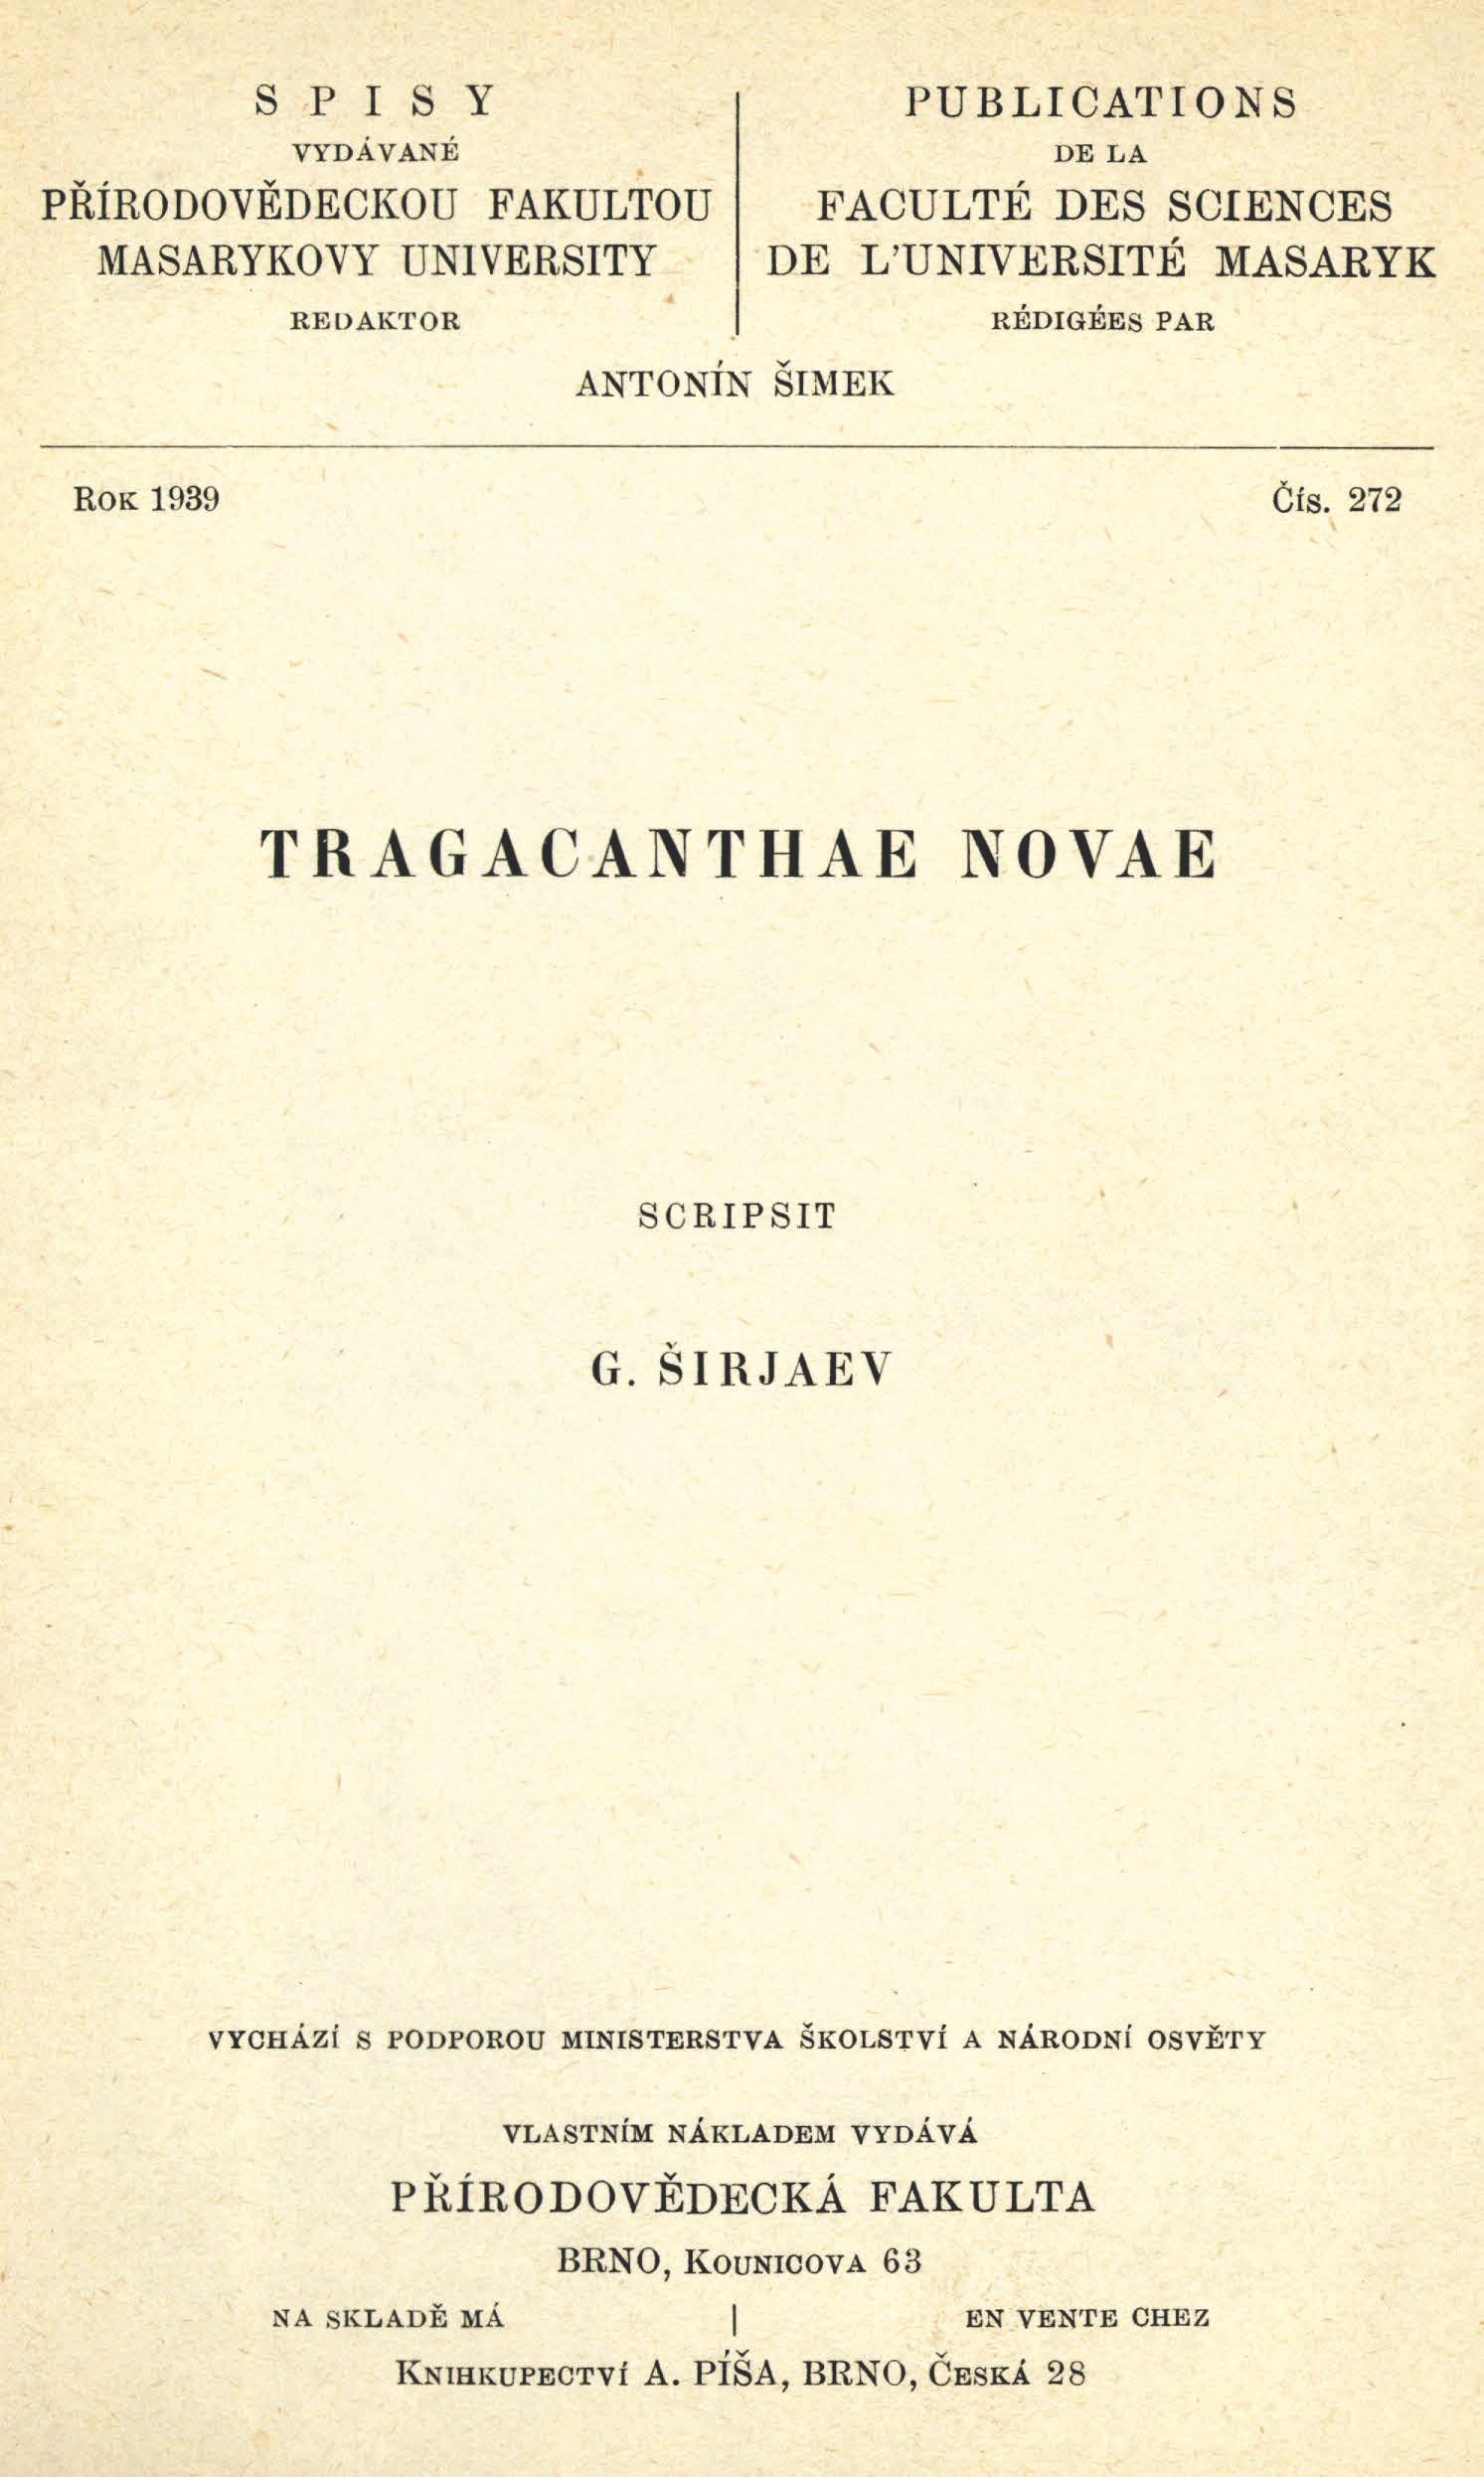 Obálka pro Tragacanthae novae